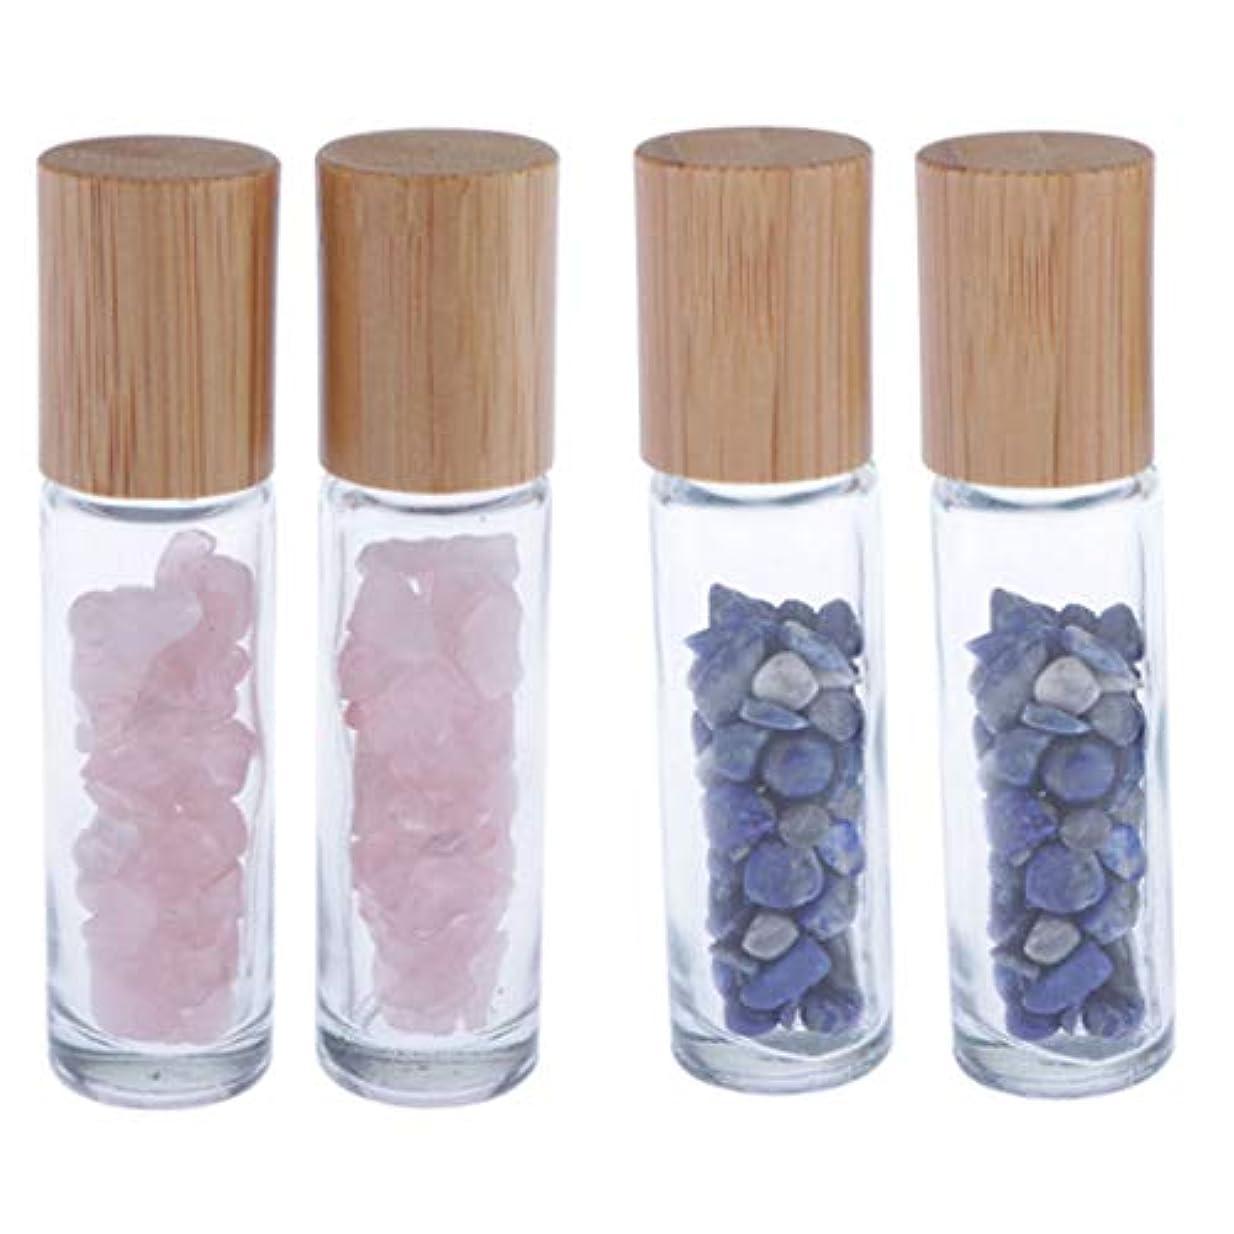 人類角度大工香水 ロールオンボトル 詰め替え ロールオンボトル 10ml 容器 エッセンシャルオイル